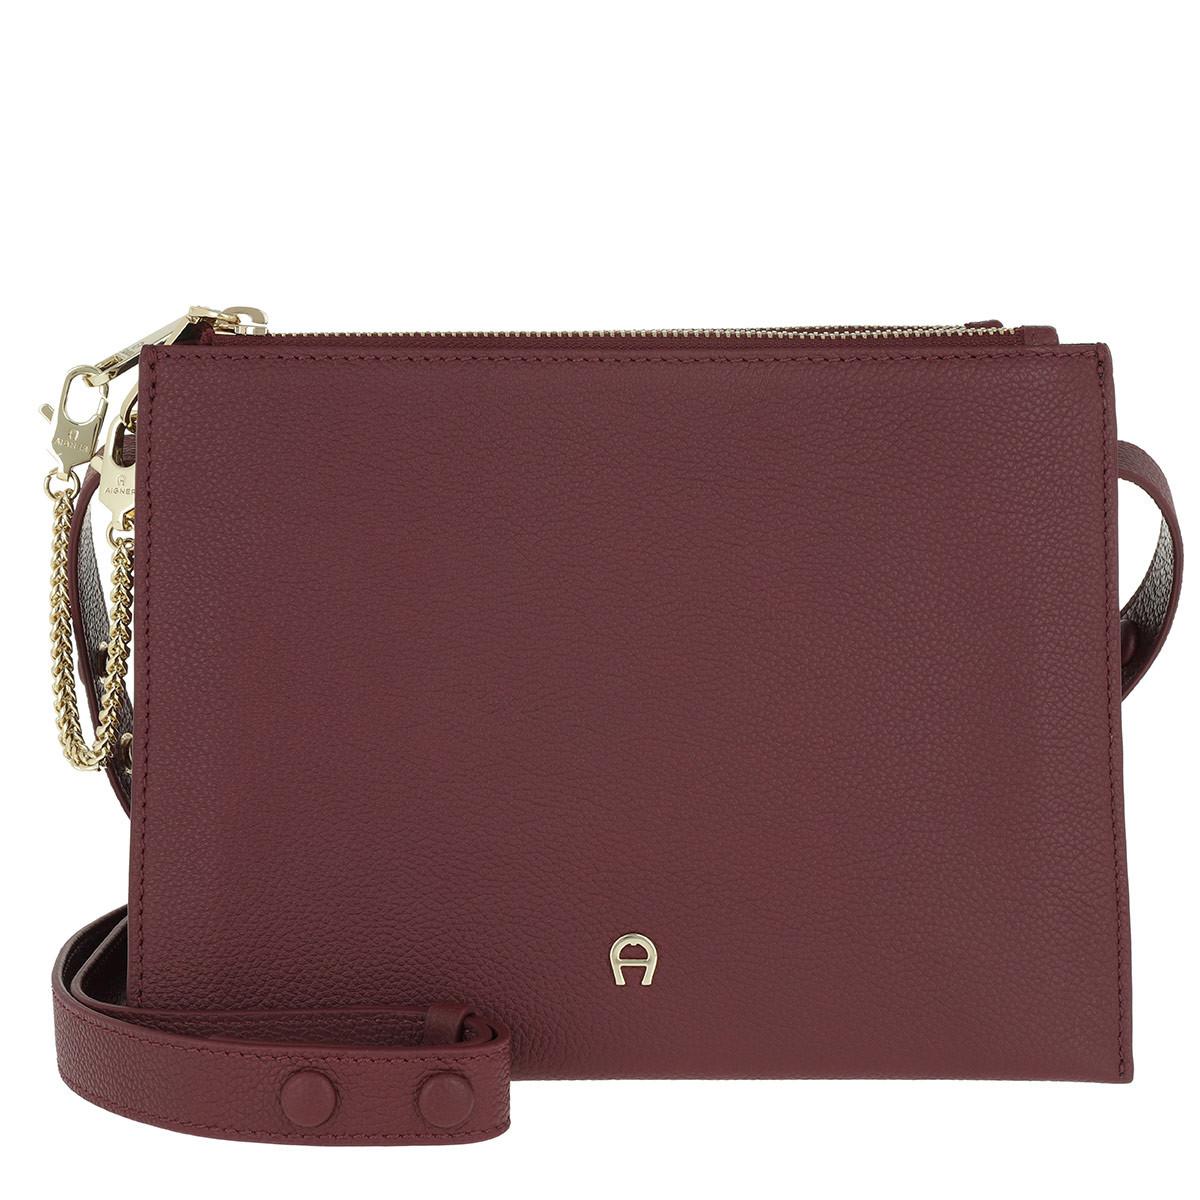 Aigner Umhängetasche - Lana S Crossbody Bag Burgundy - in rot - für Damen